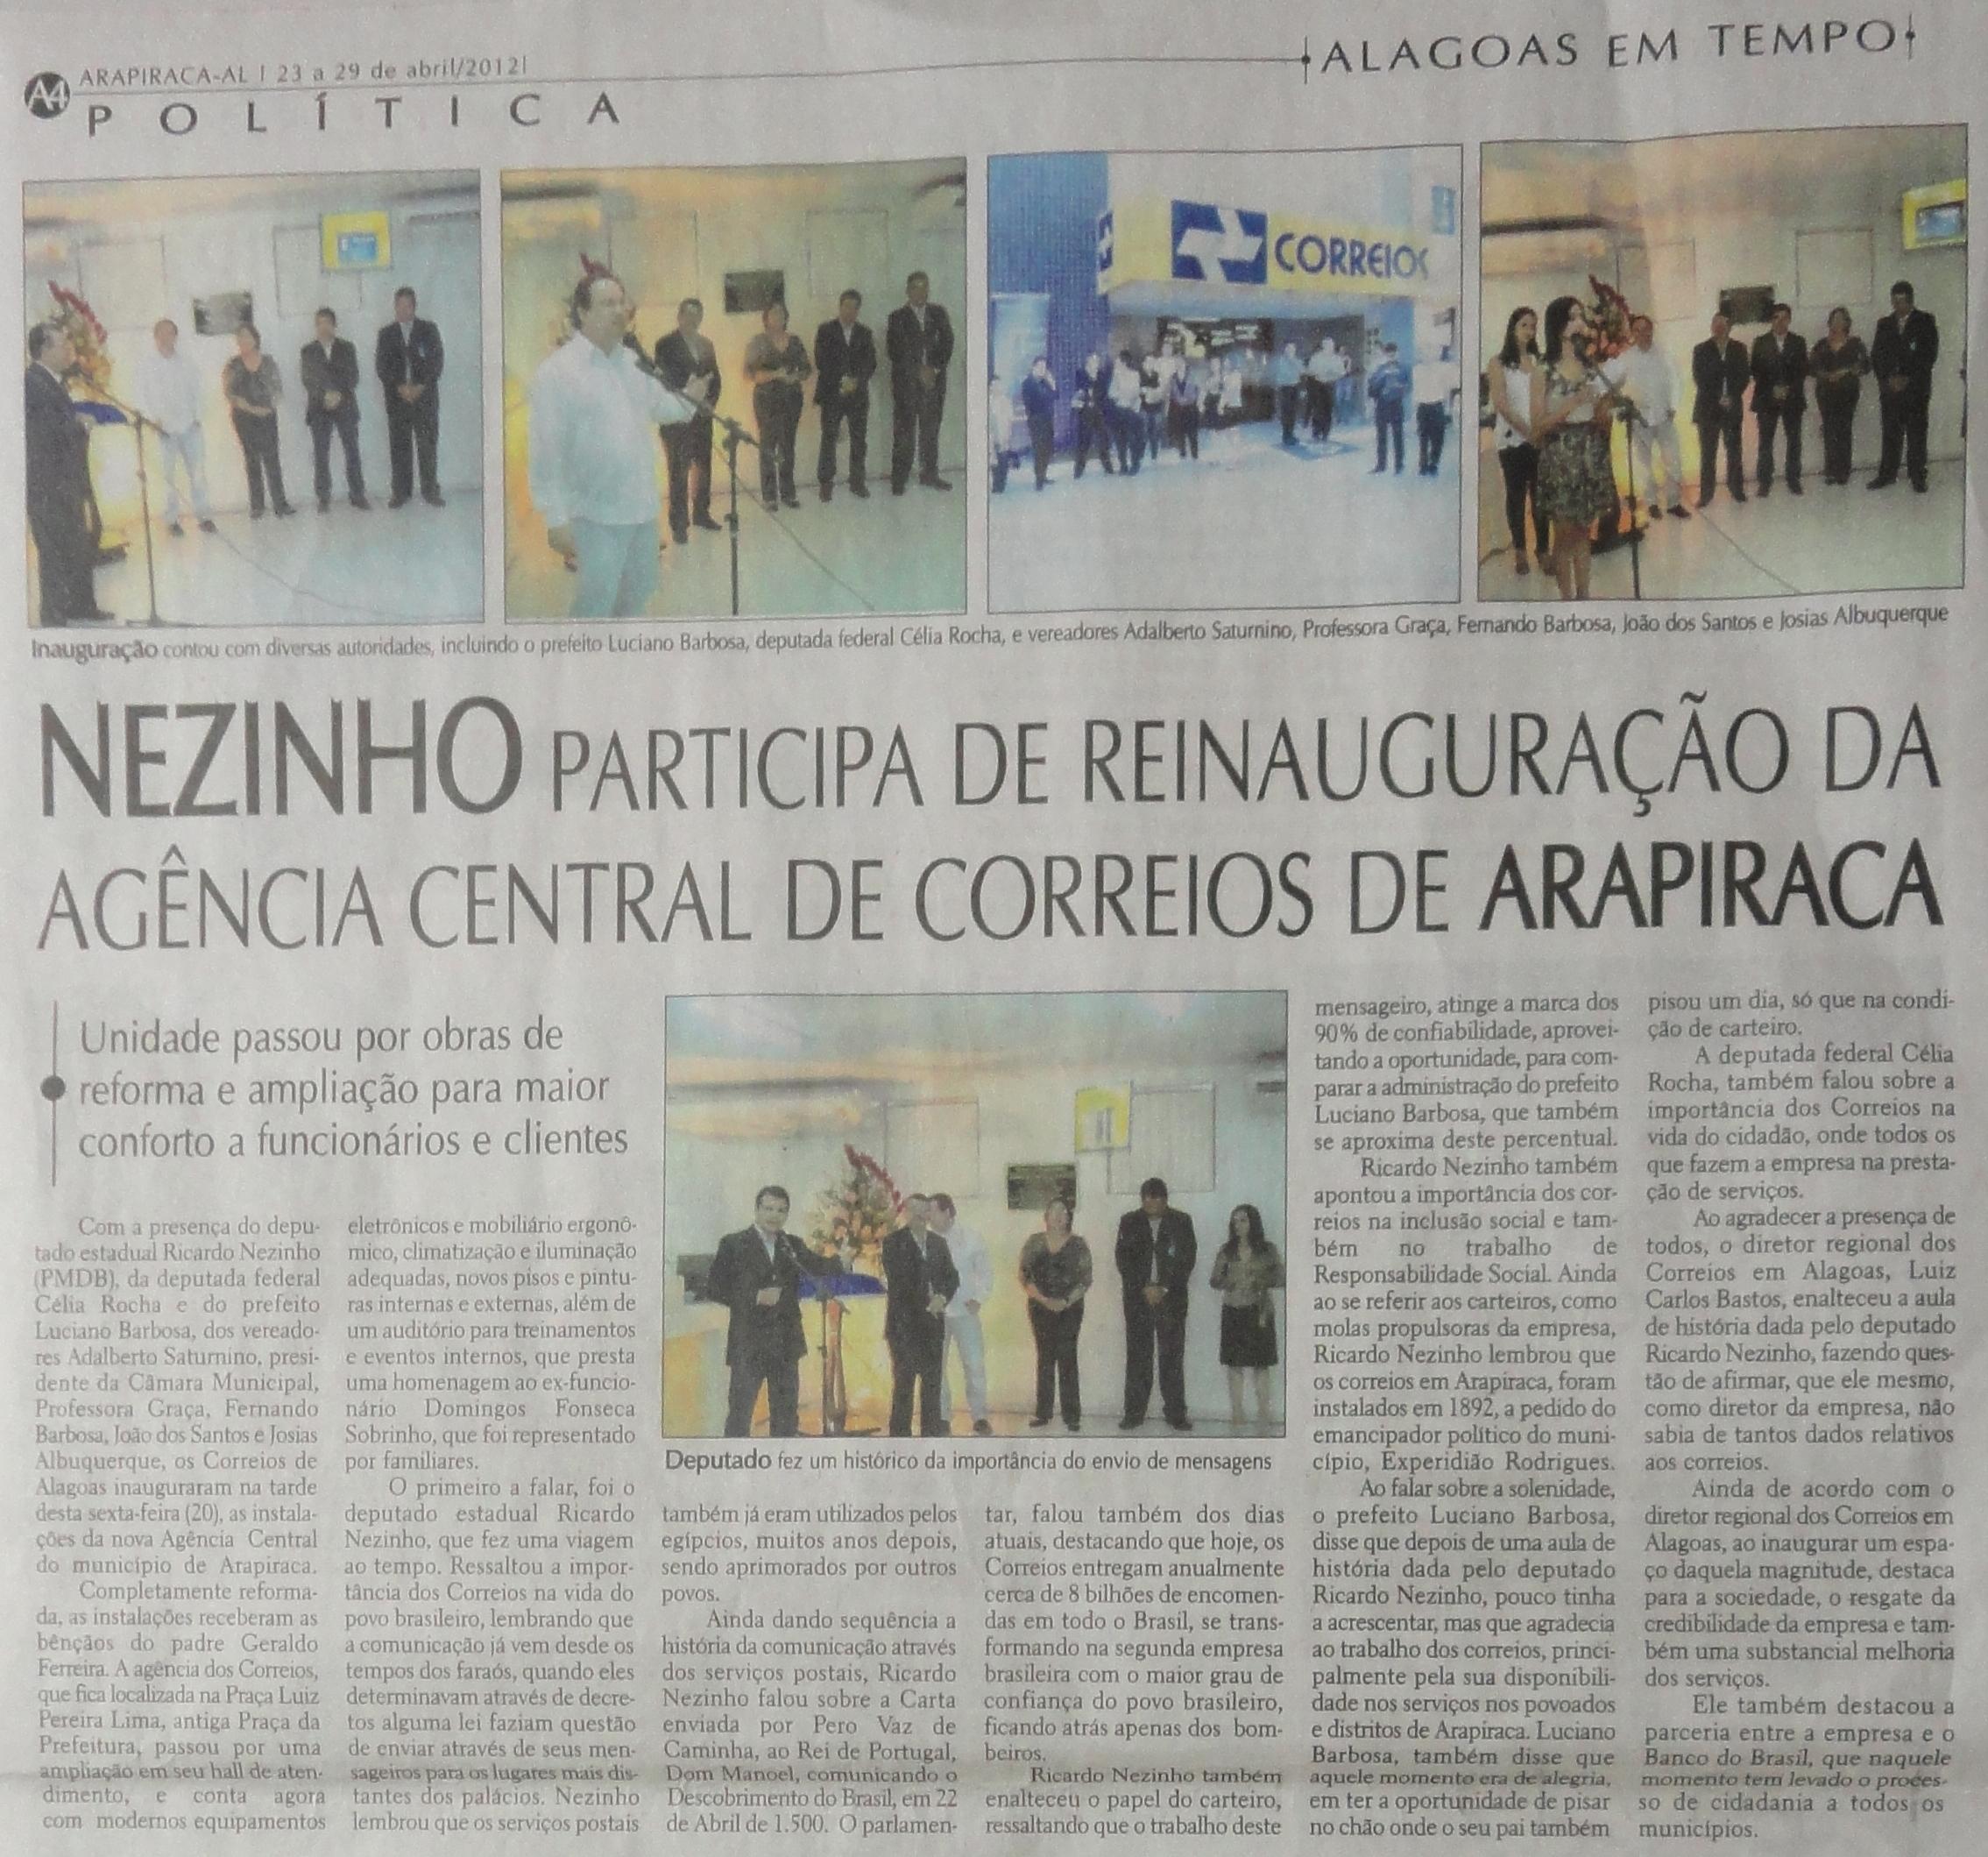 Alagoas em tempo 23-04-12